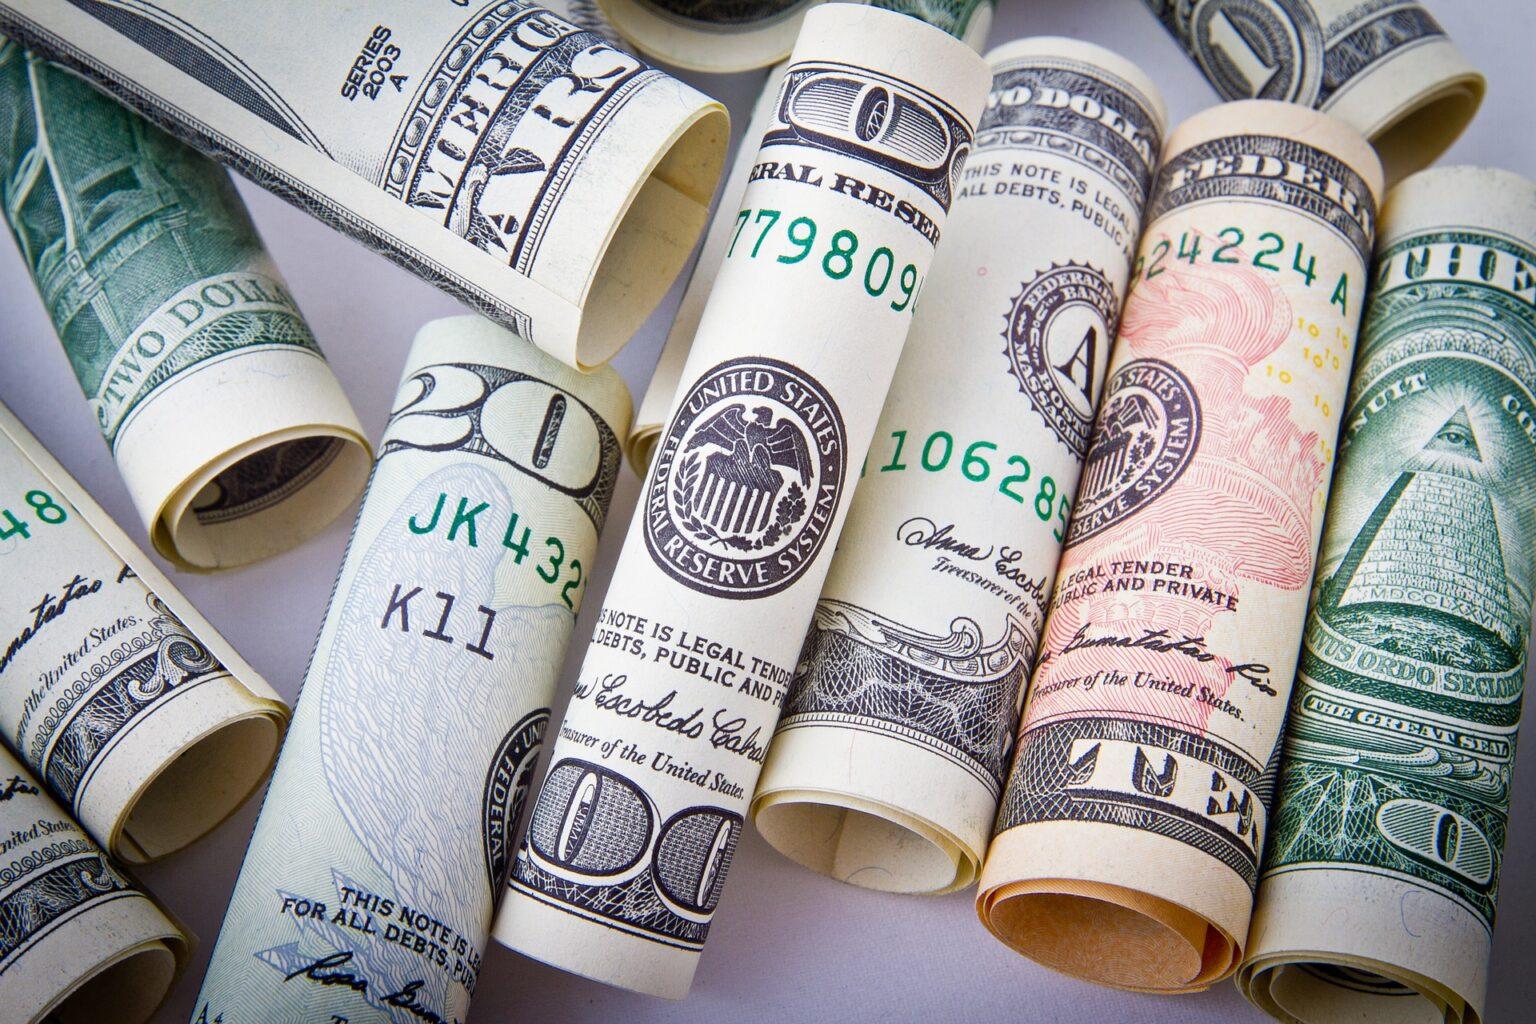 Morning Call: Dólar, Carrefour, Coronavírus, Emprego (Caged), Resultados trimestrais e PIB (EUA)